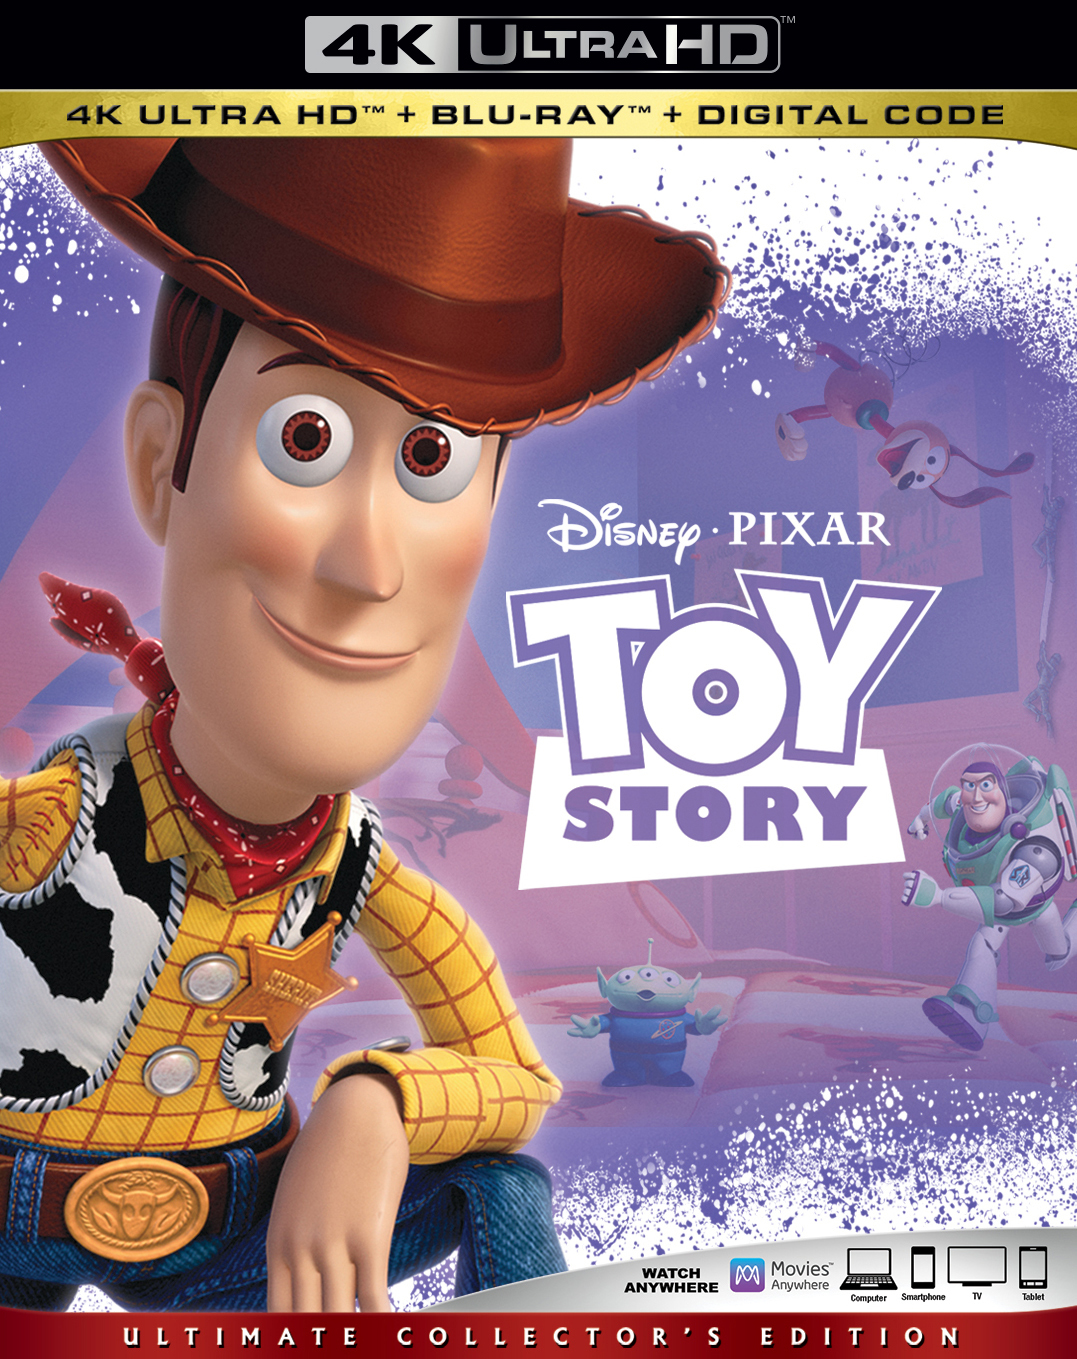 Trilogia Toy Story - Remux 4K 2160p - Dual Áudio - Baixar Bluray